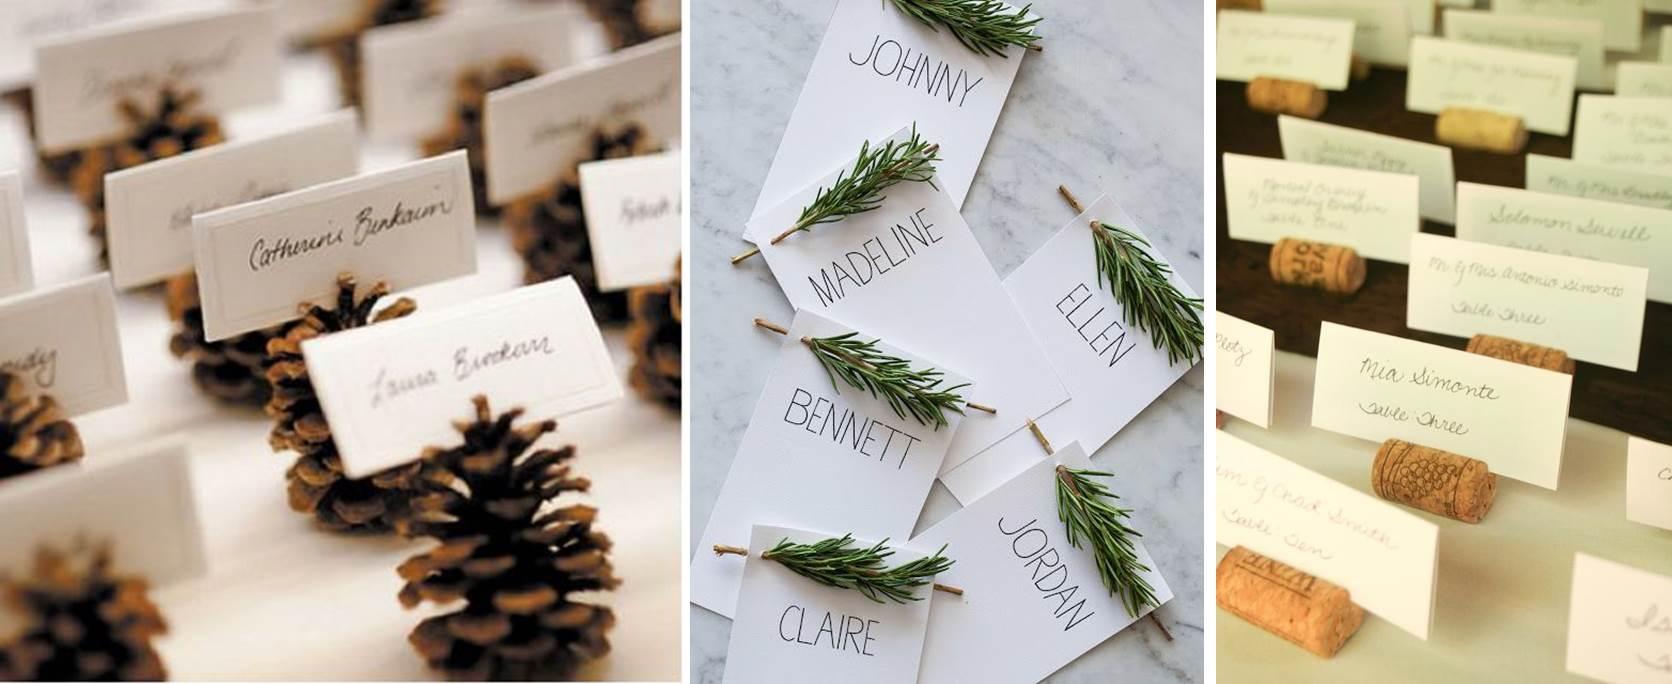 Decoracion mesa nombres puestos navidad piasweethome com - Decoracion de navidad para la mesa ...